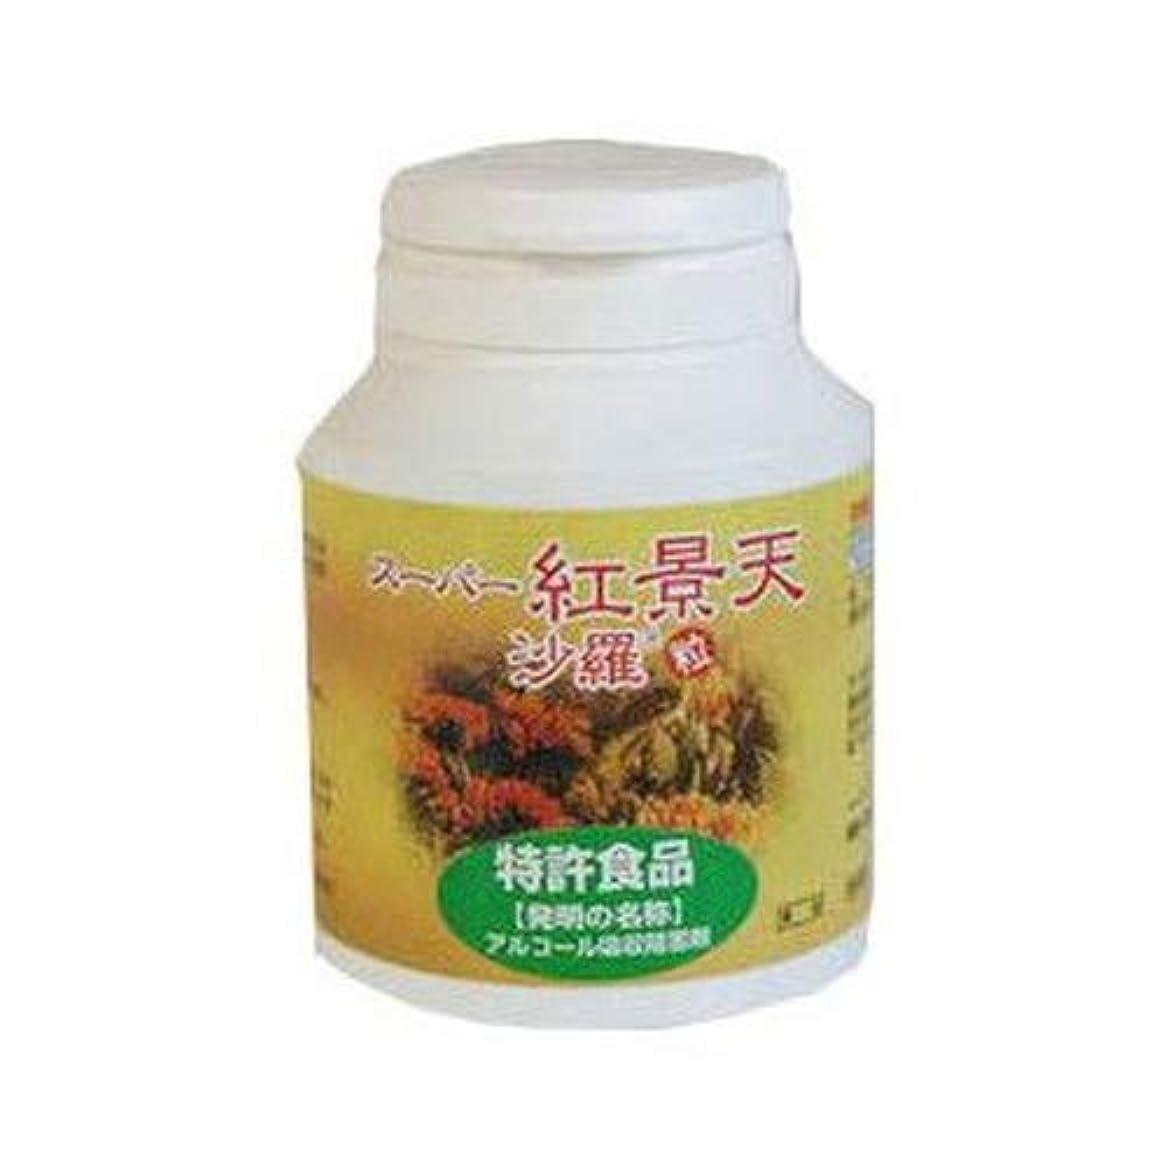 に関して花温かいジャパンヘルス スーパー紅景天沙羅 350粒